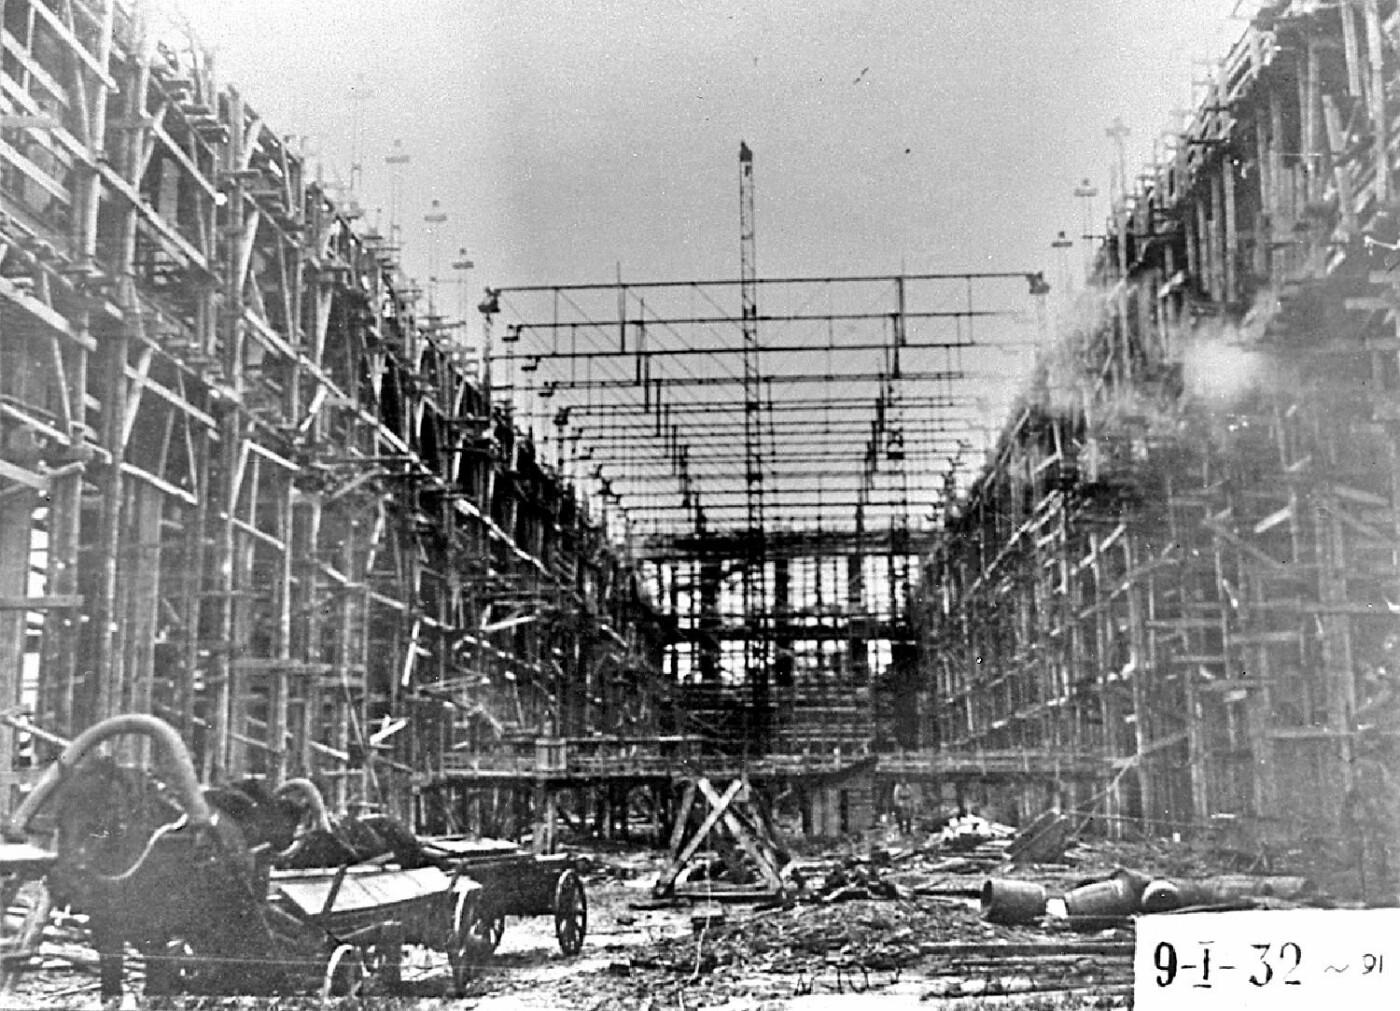 История мощнейшего харьковского завода. От изготовления оружия до восстановления города, - ФОТО, фото-3